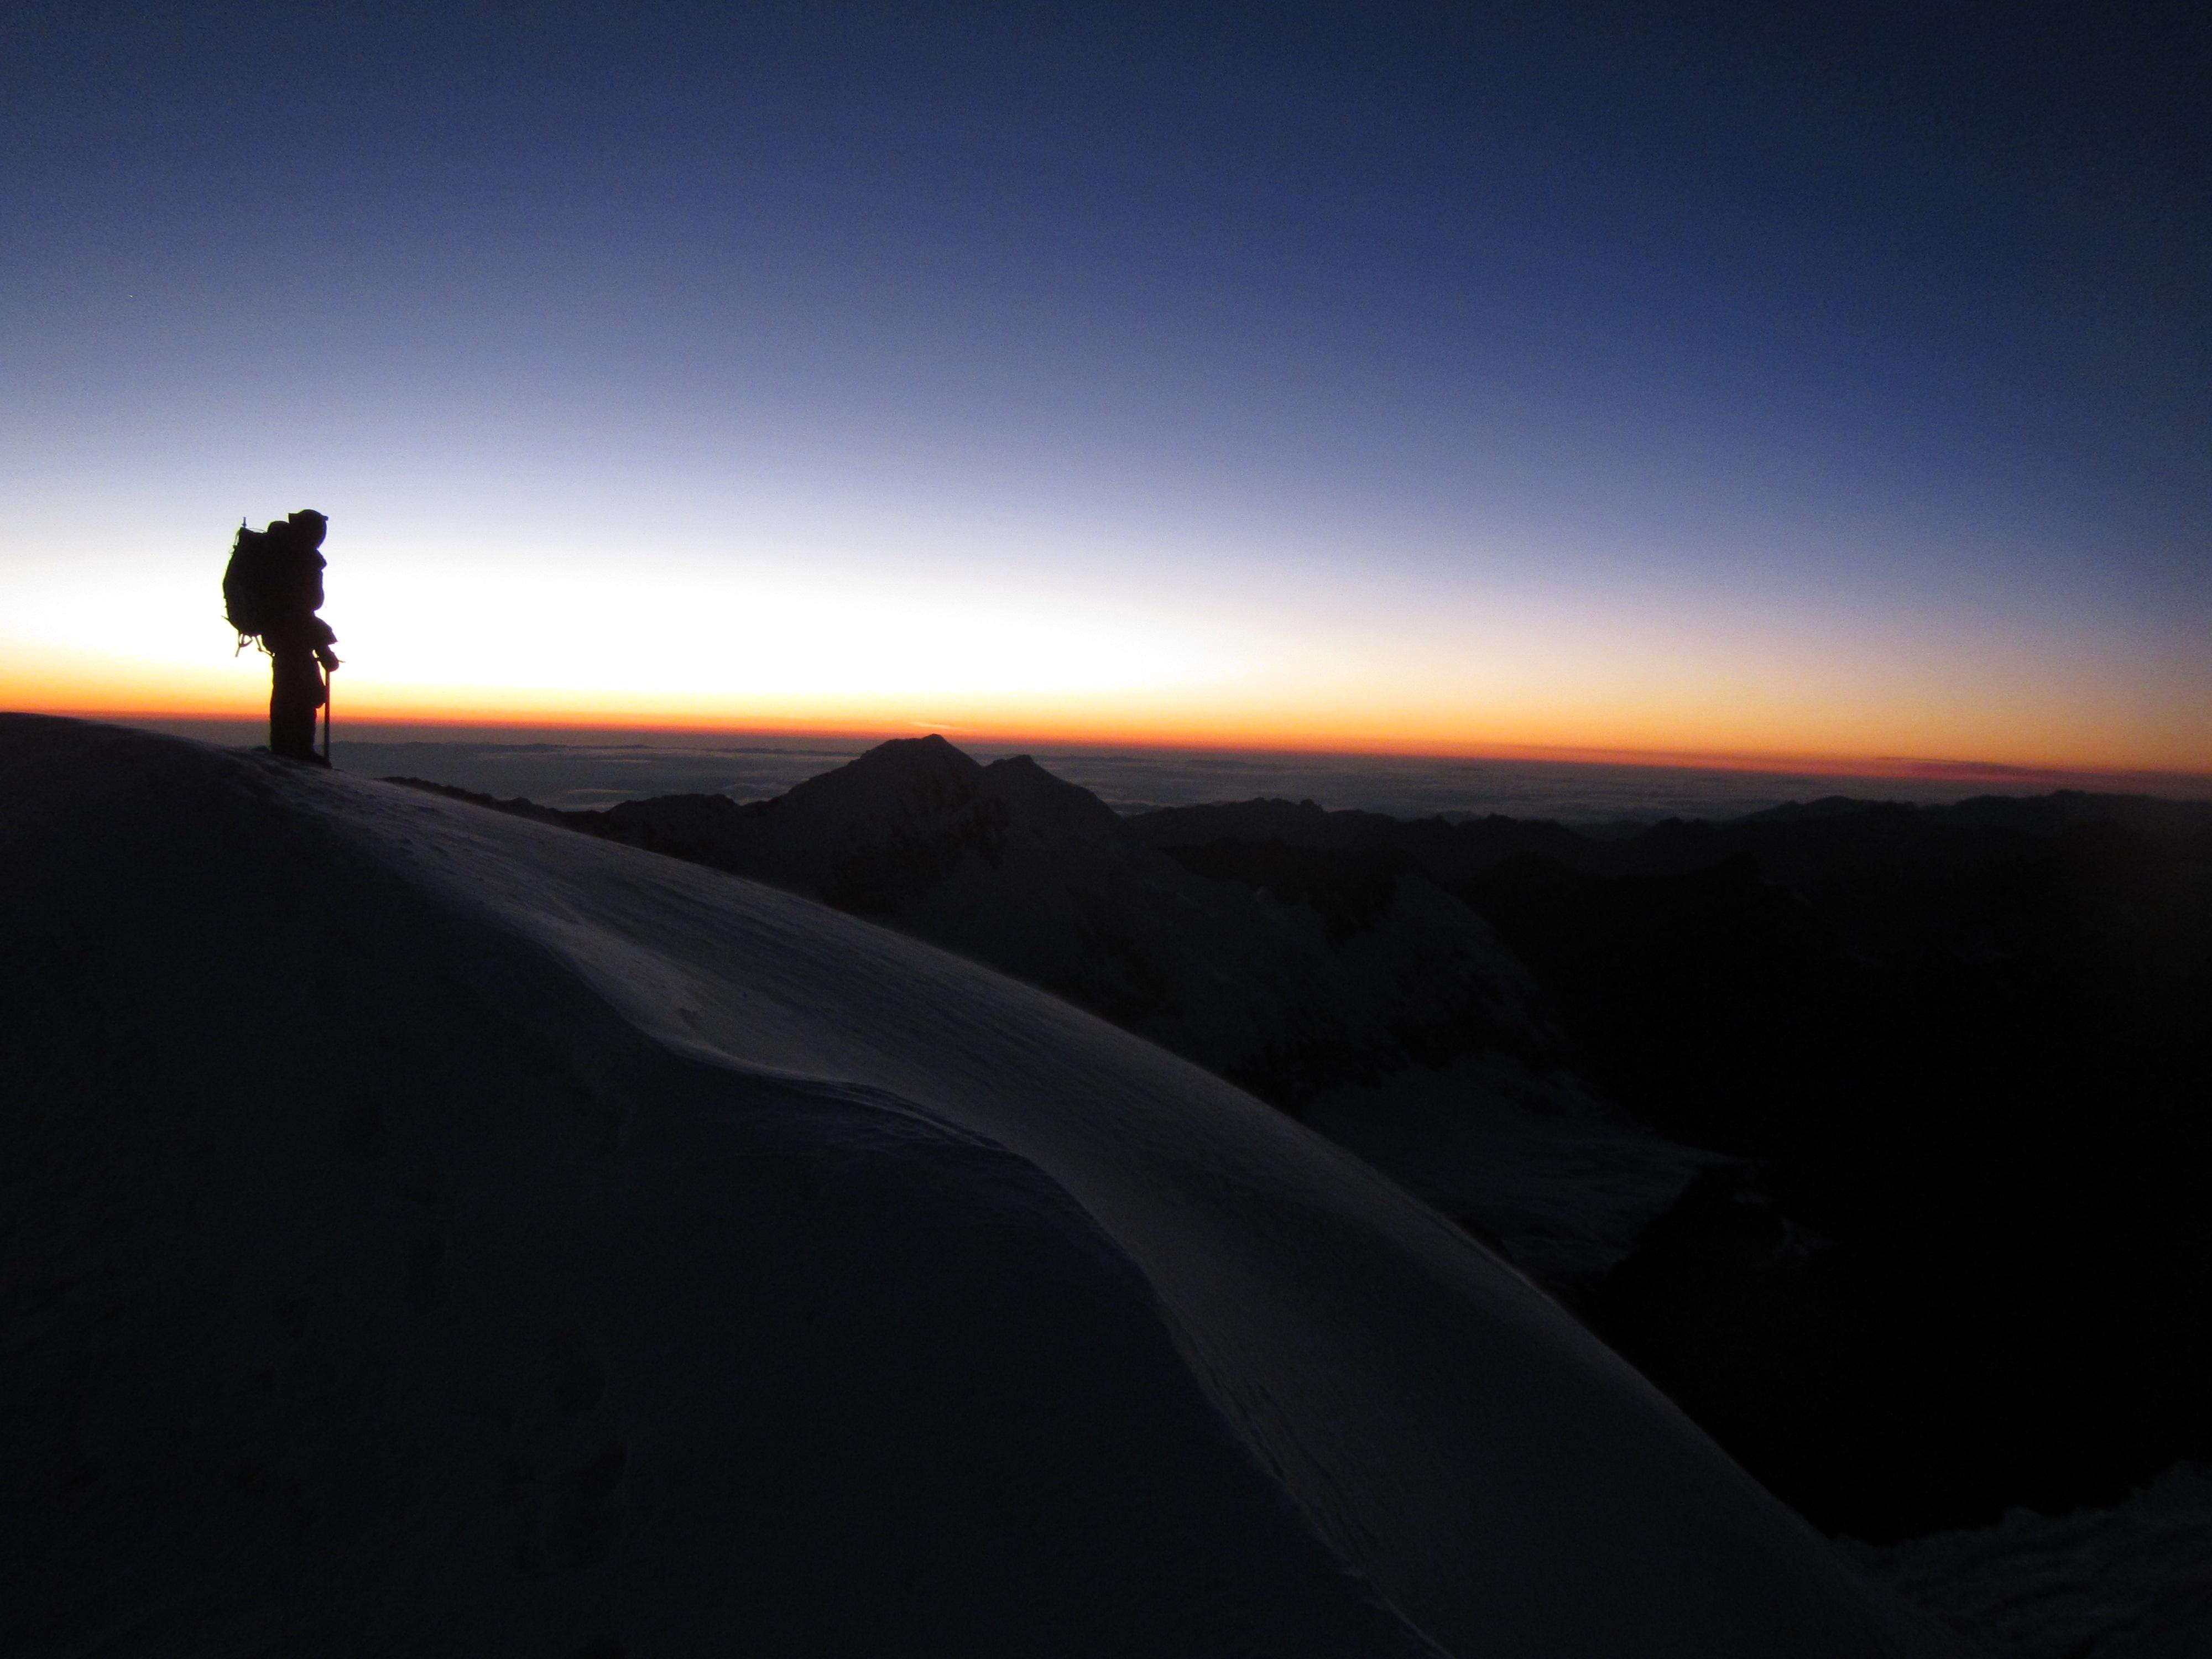 Amanhecer visto do caminho do Chaupi Orko, Bolívia - Foto de Maximo Kausch